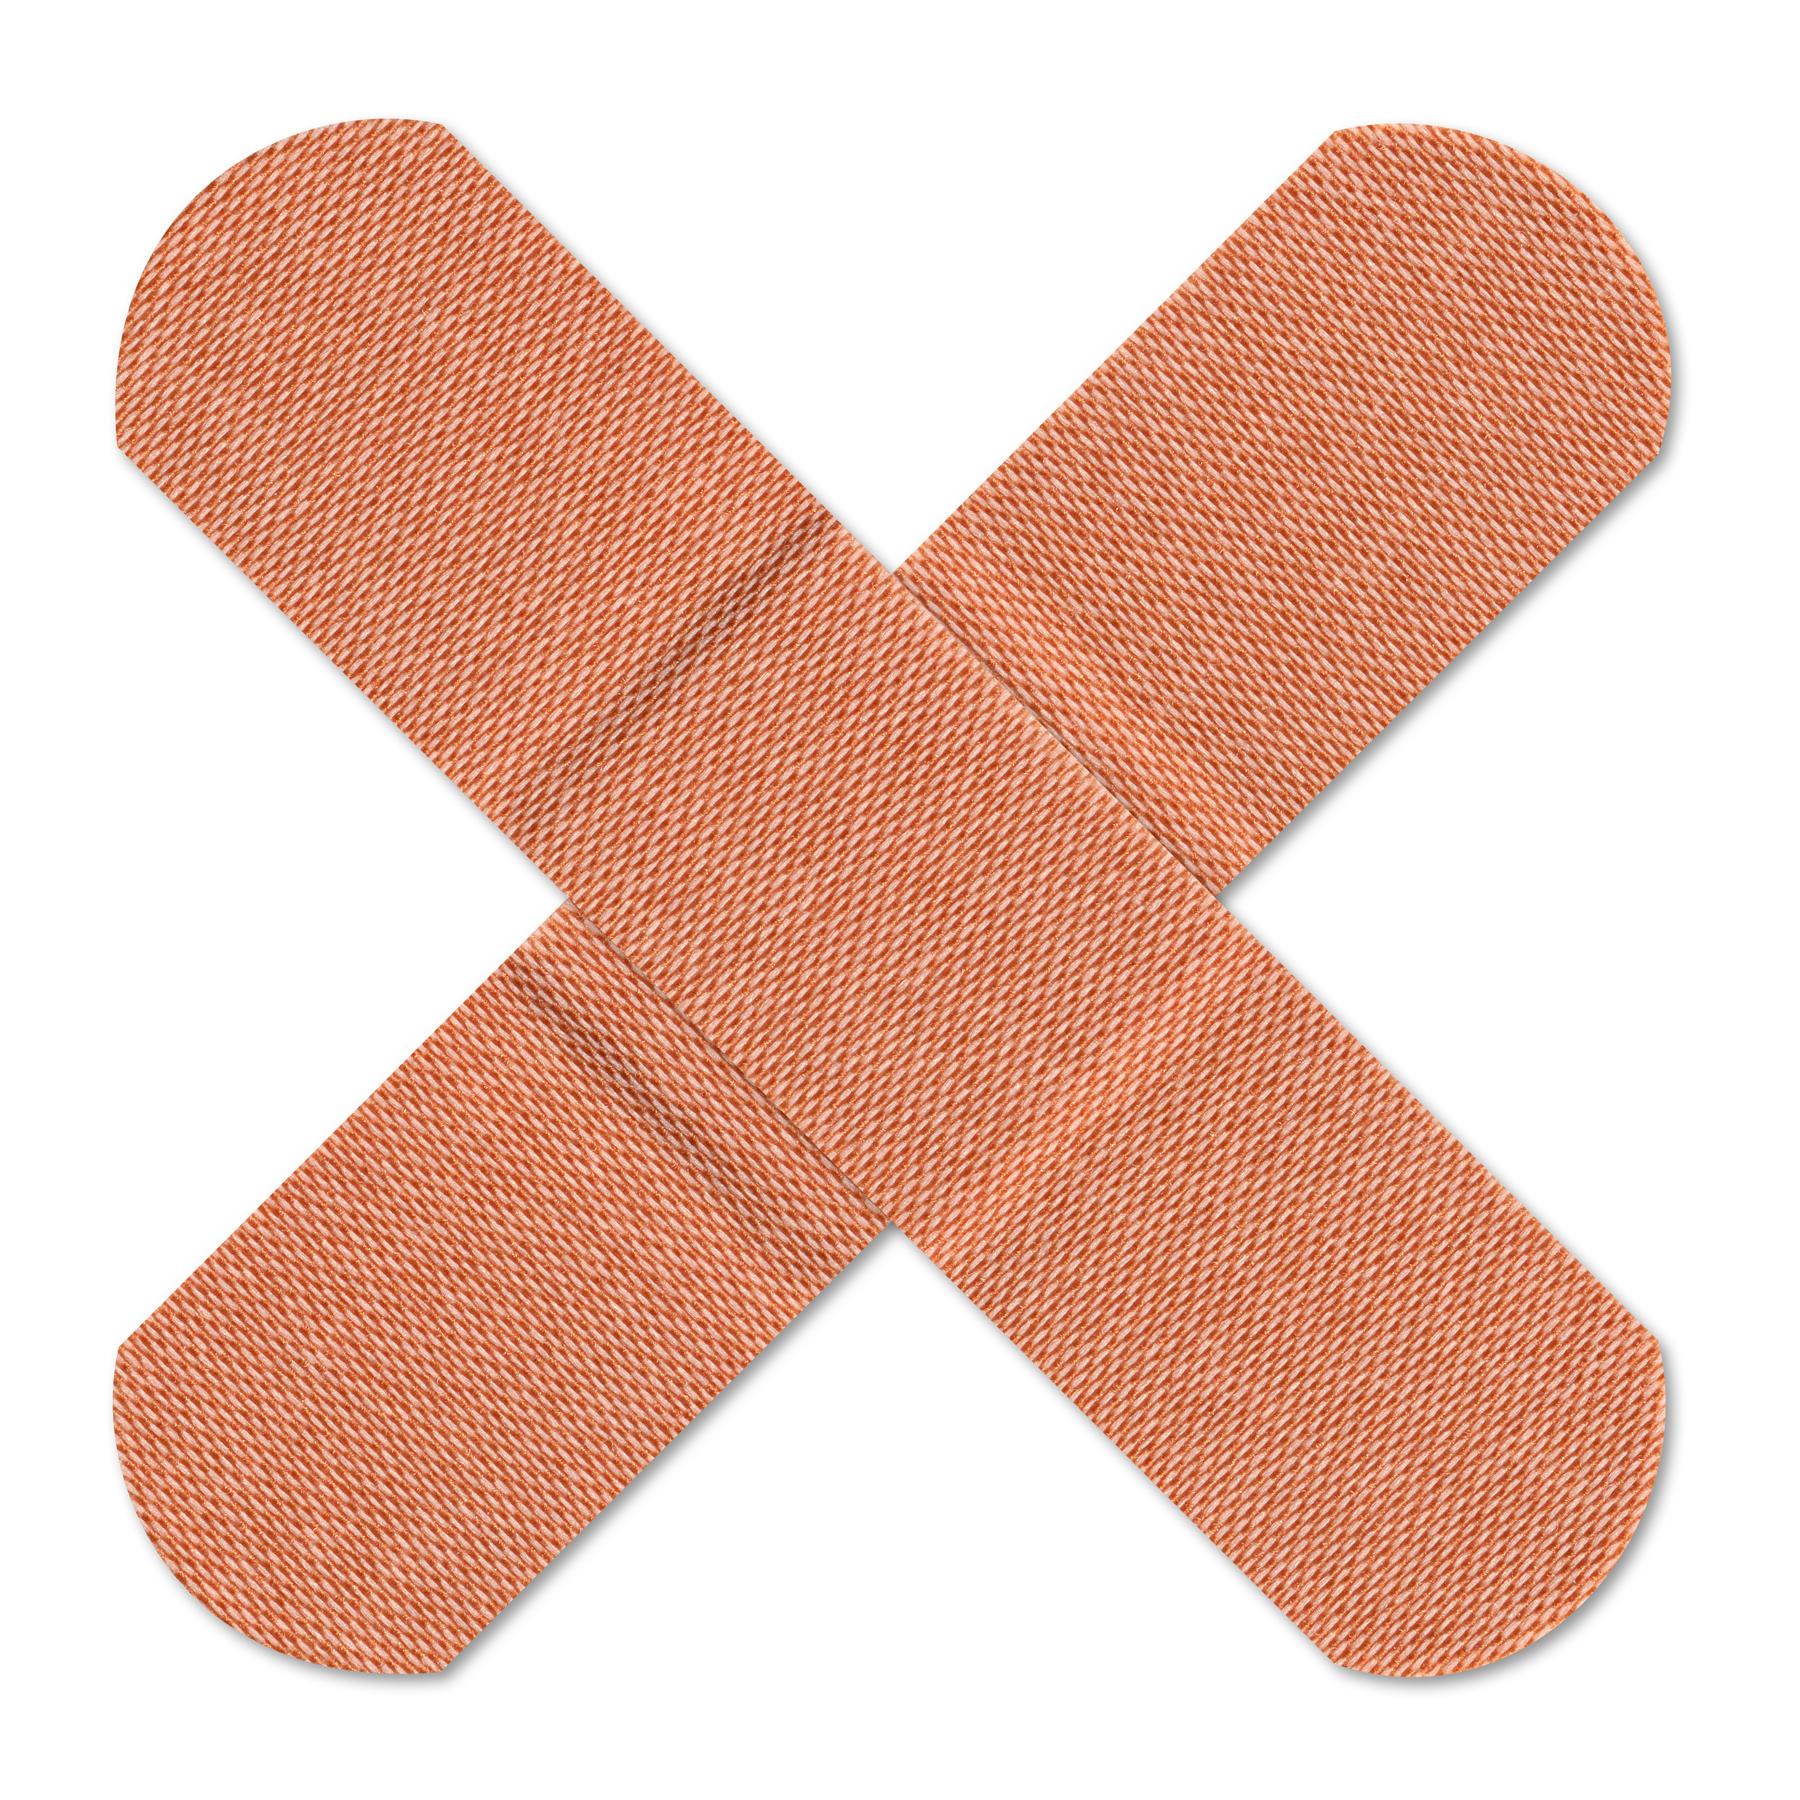 Cross Bandages